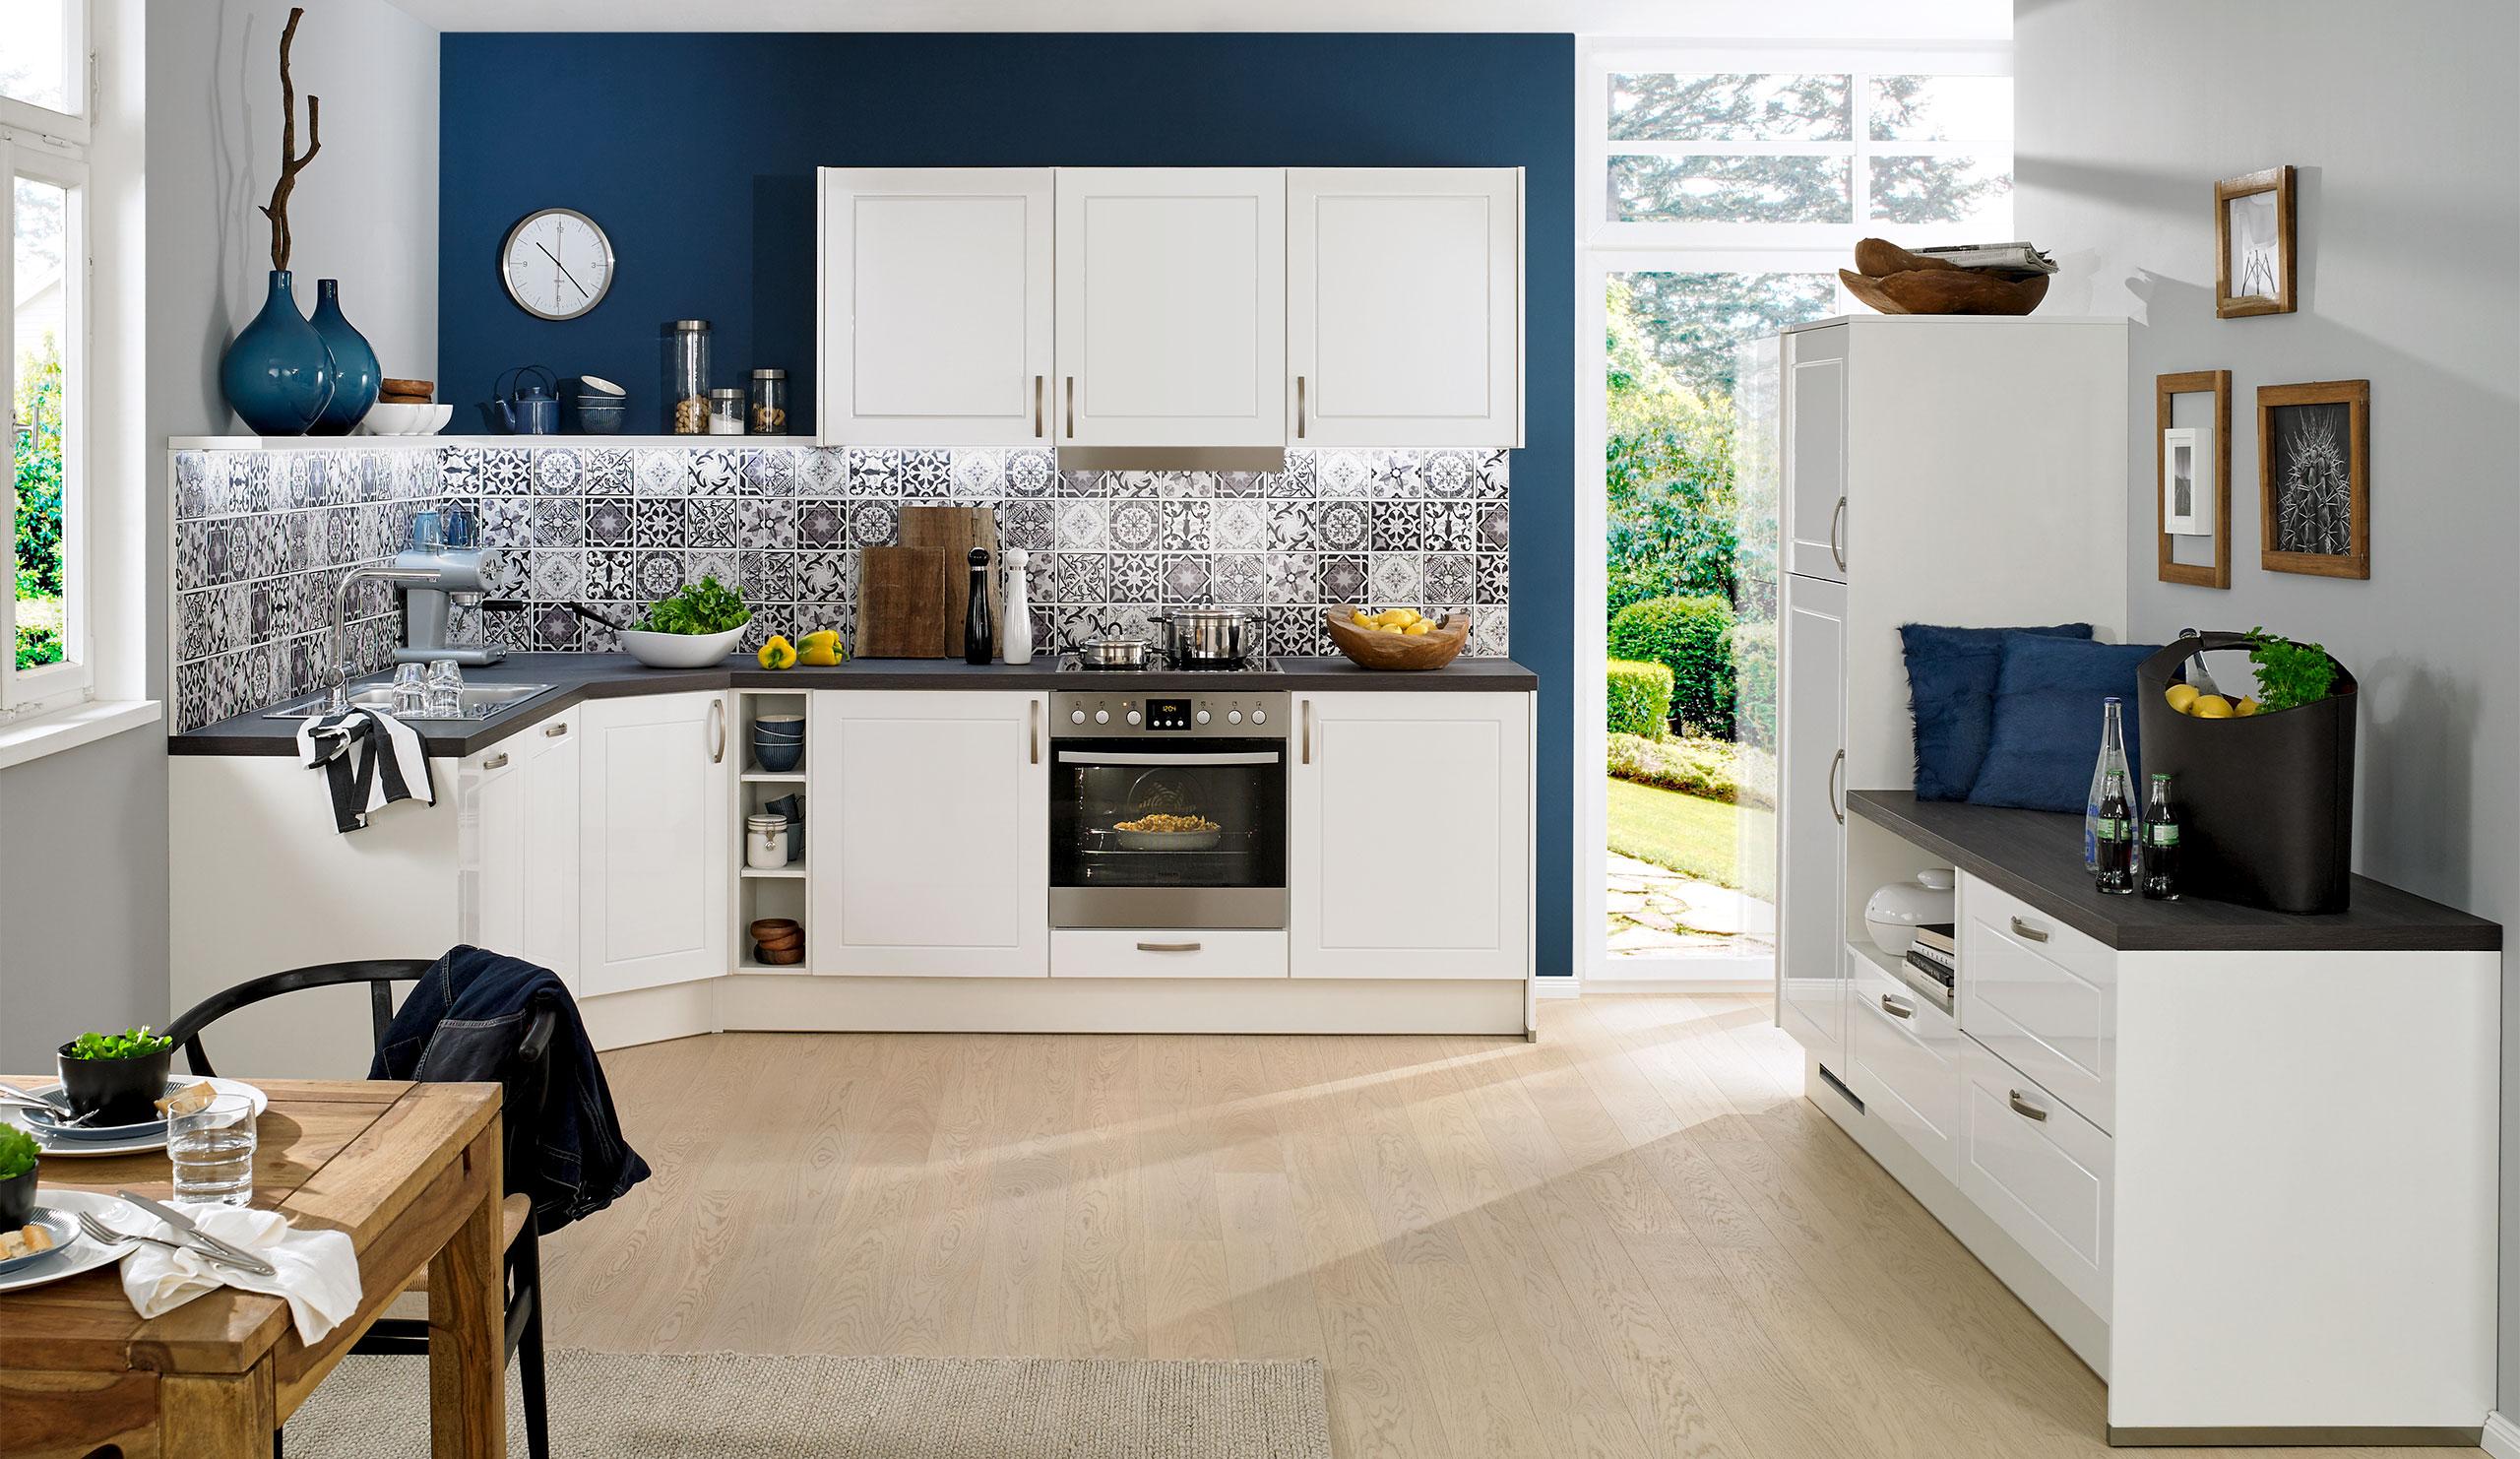 Full Size of Küchen Quelle Basic Einbaukche Pura 4475 Weiss Hochglanz Kchenquelle Regal Wohnzimmer Küchen Quelle